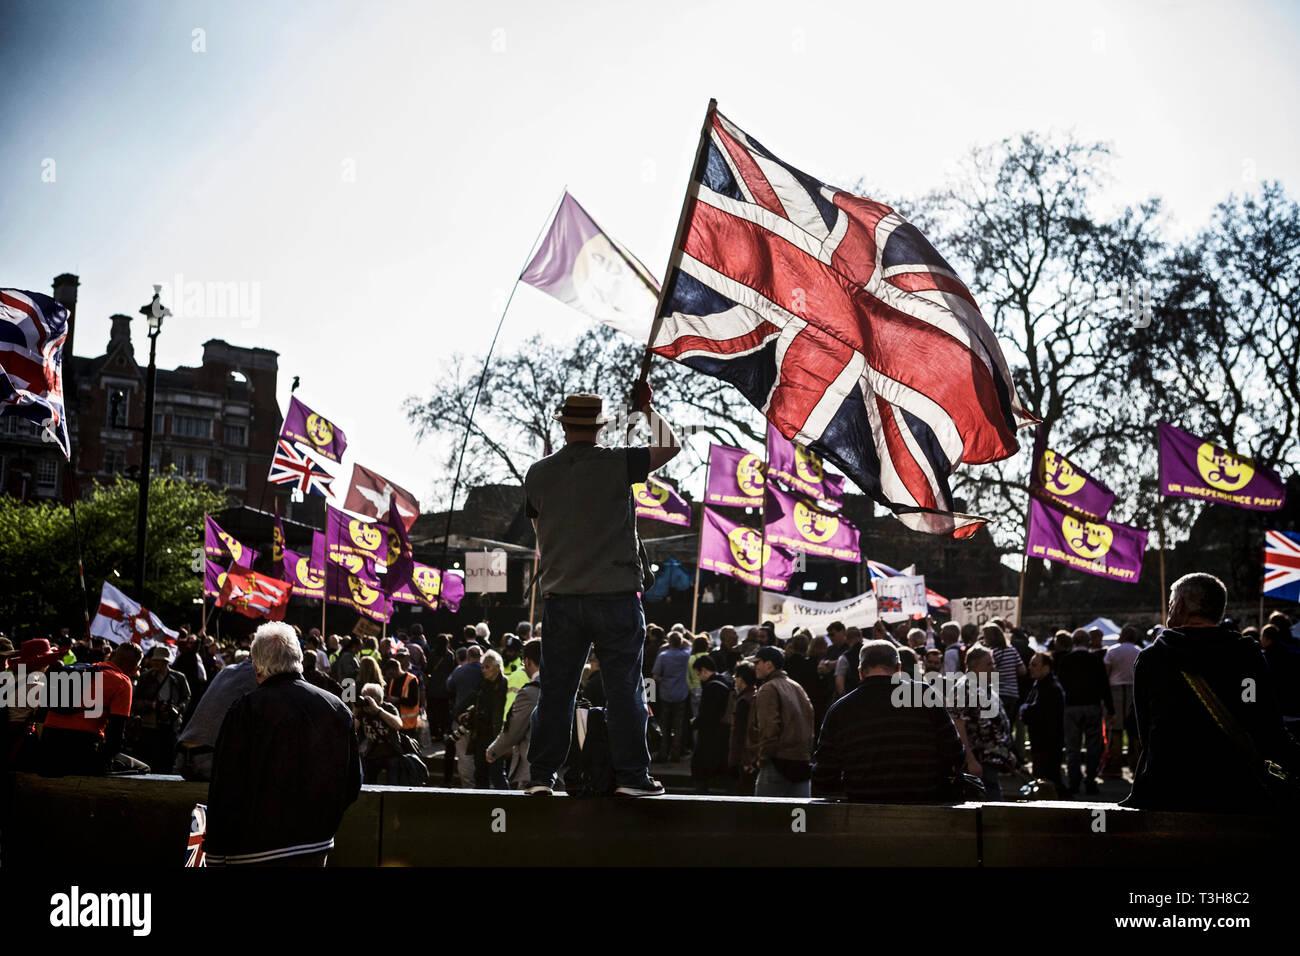 Politica dei rally uk / Politica uk / protesta politica - protester tenendo una bandiera su di una tranquilla marzo pro rally Brexit il 29 marzo, giorno Brexit 2019 Immagini Stock